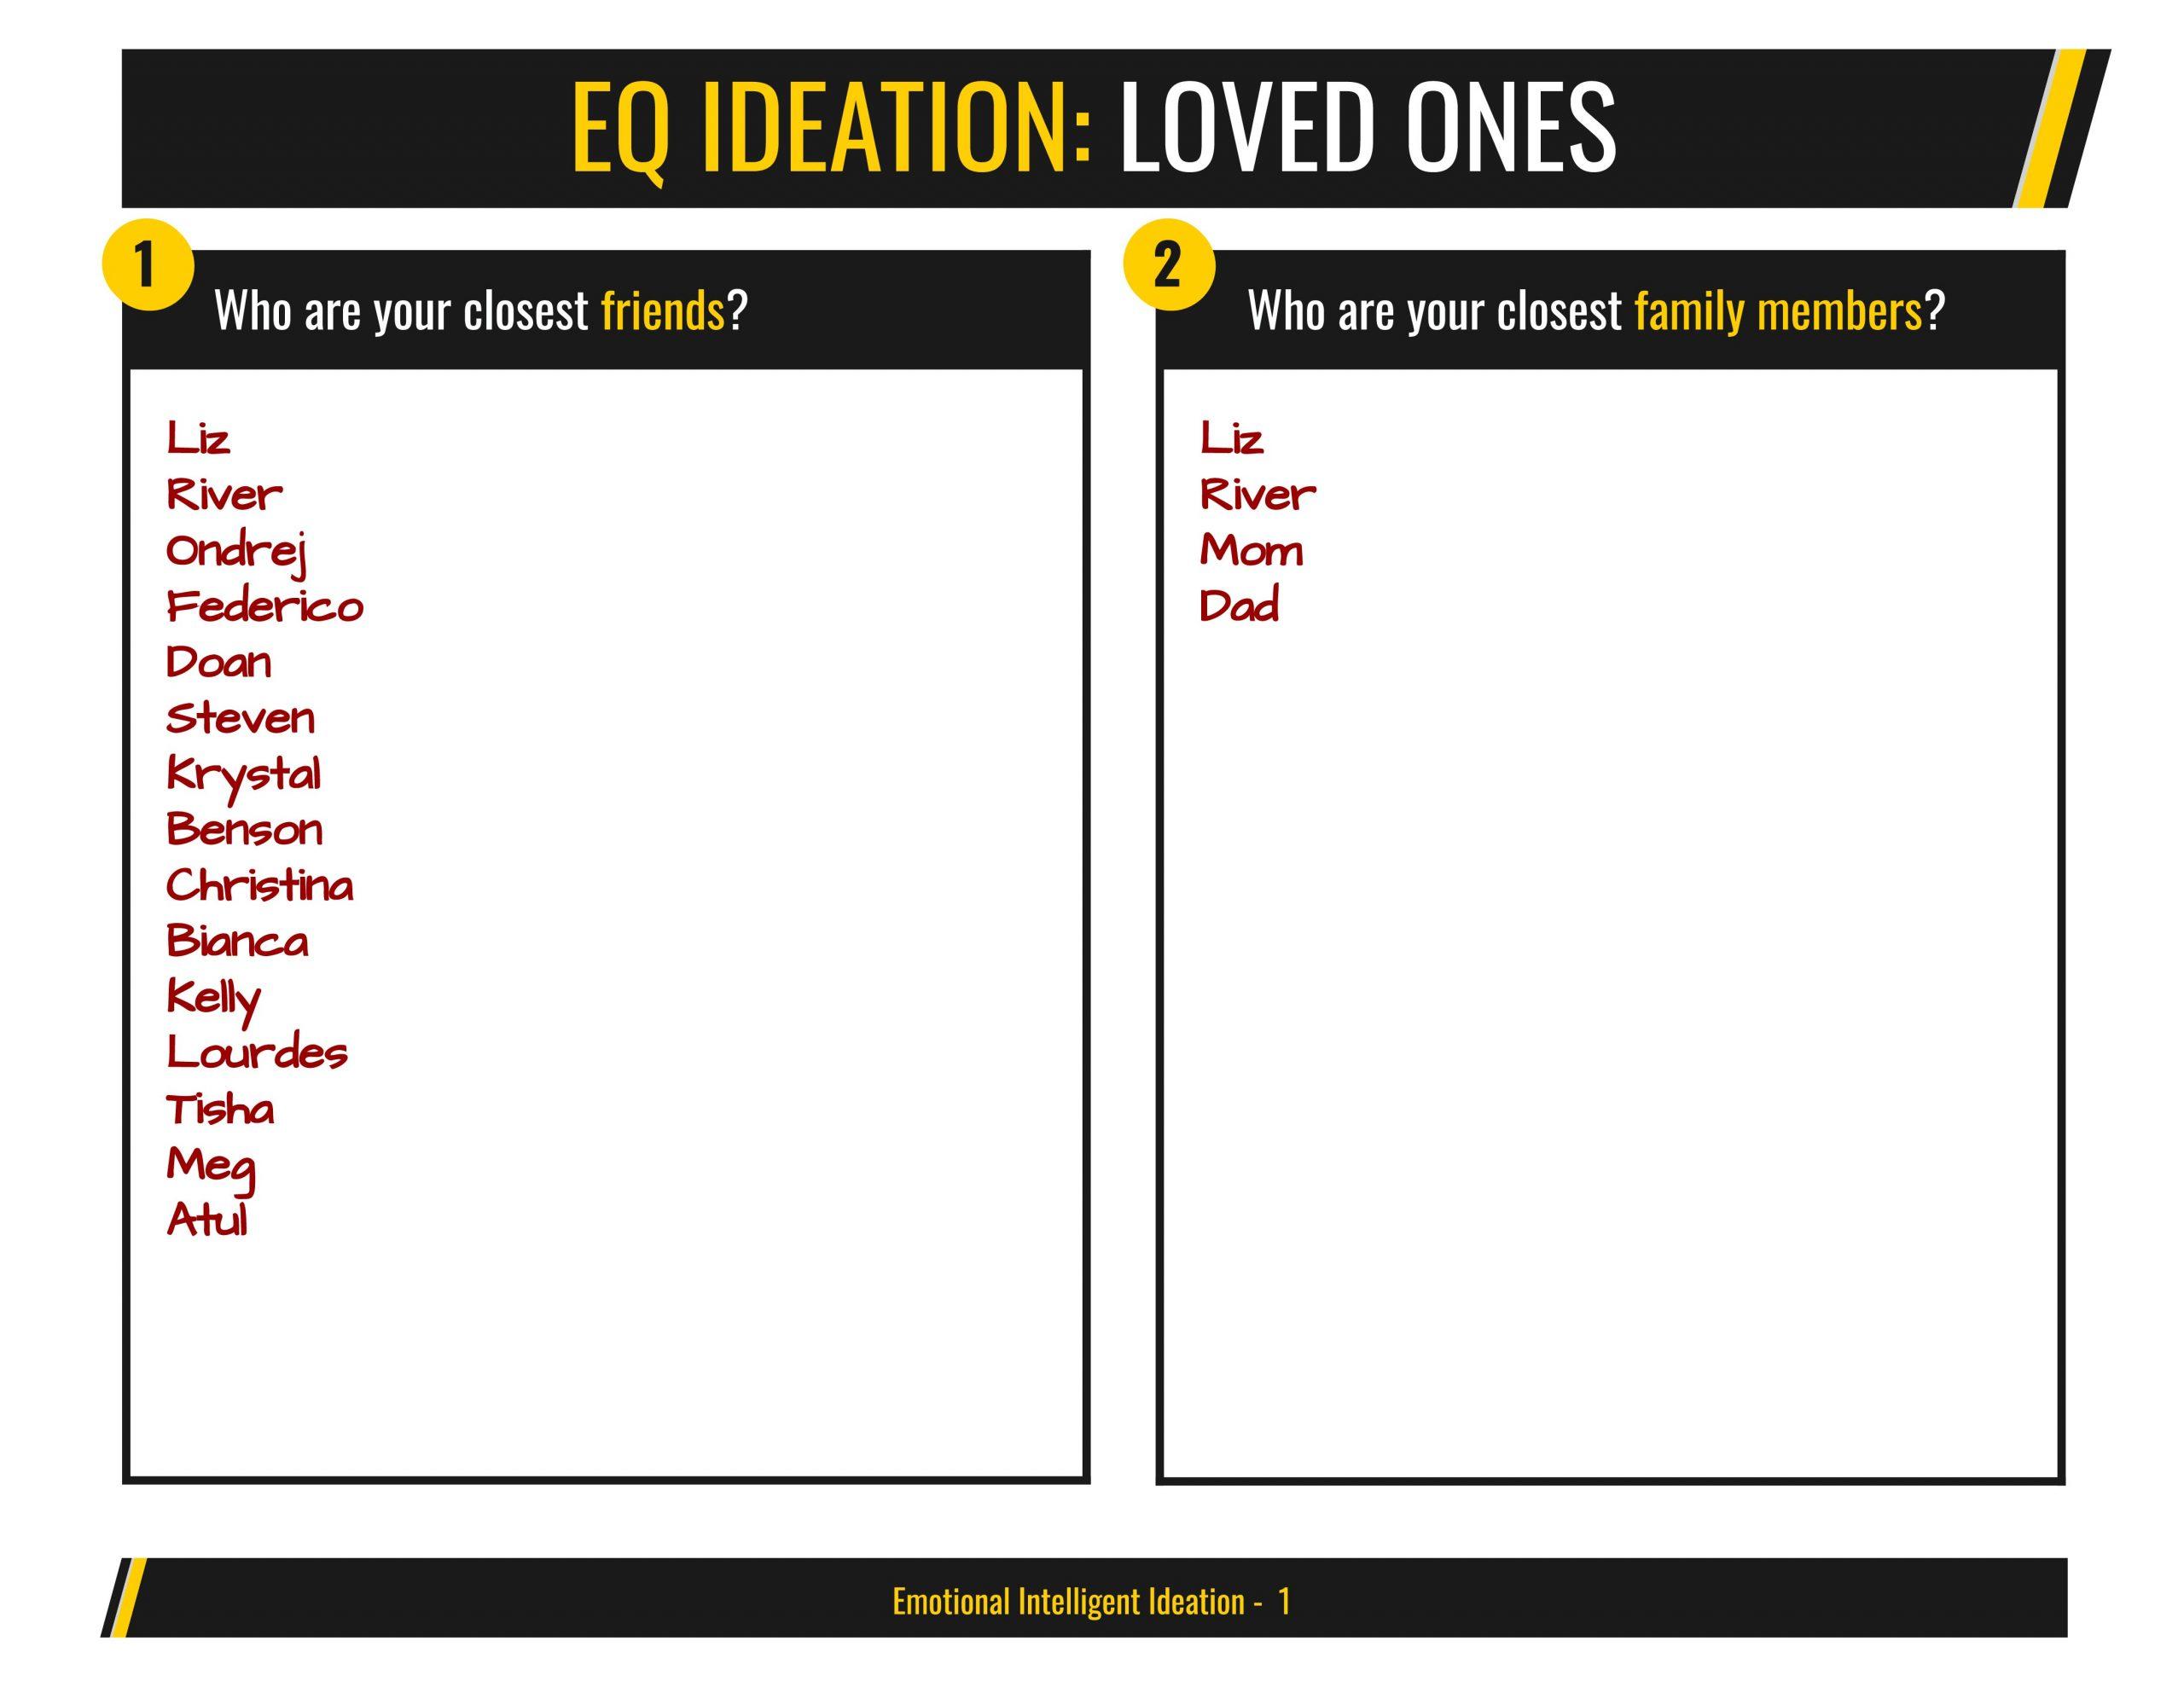 Emotional intelligence ideation